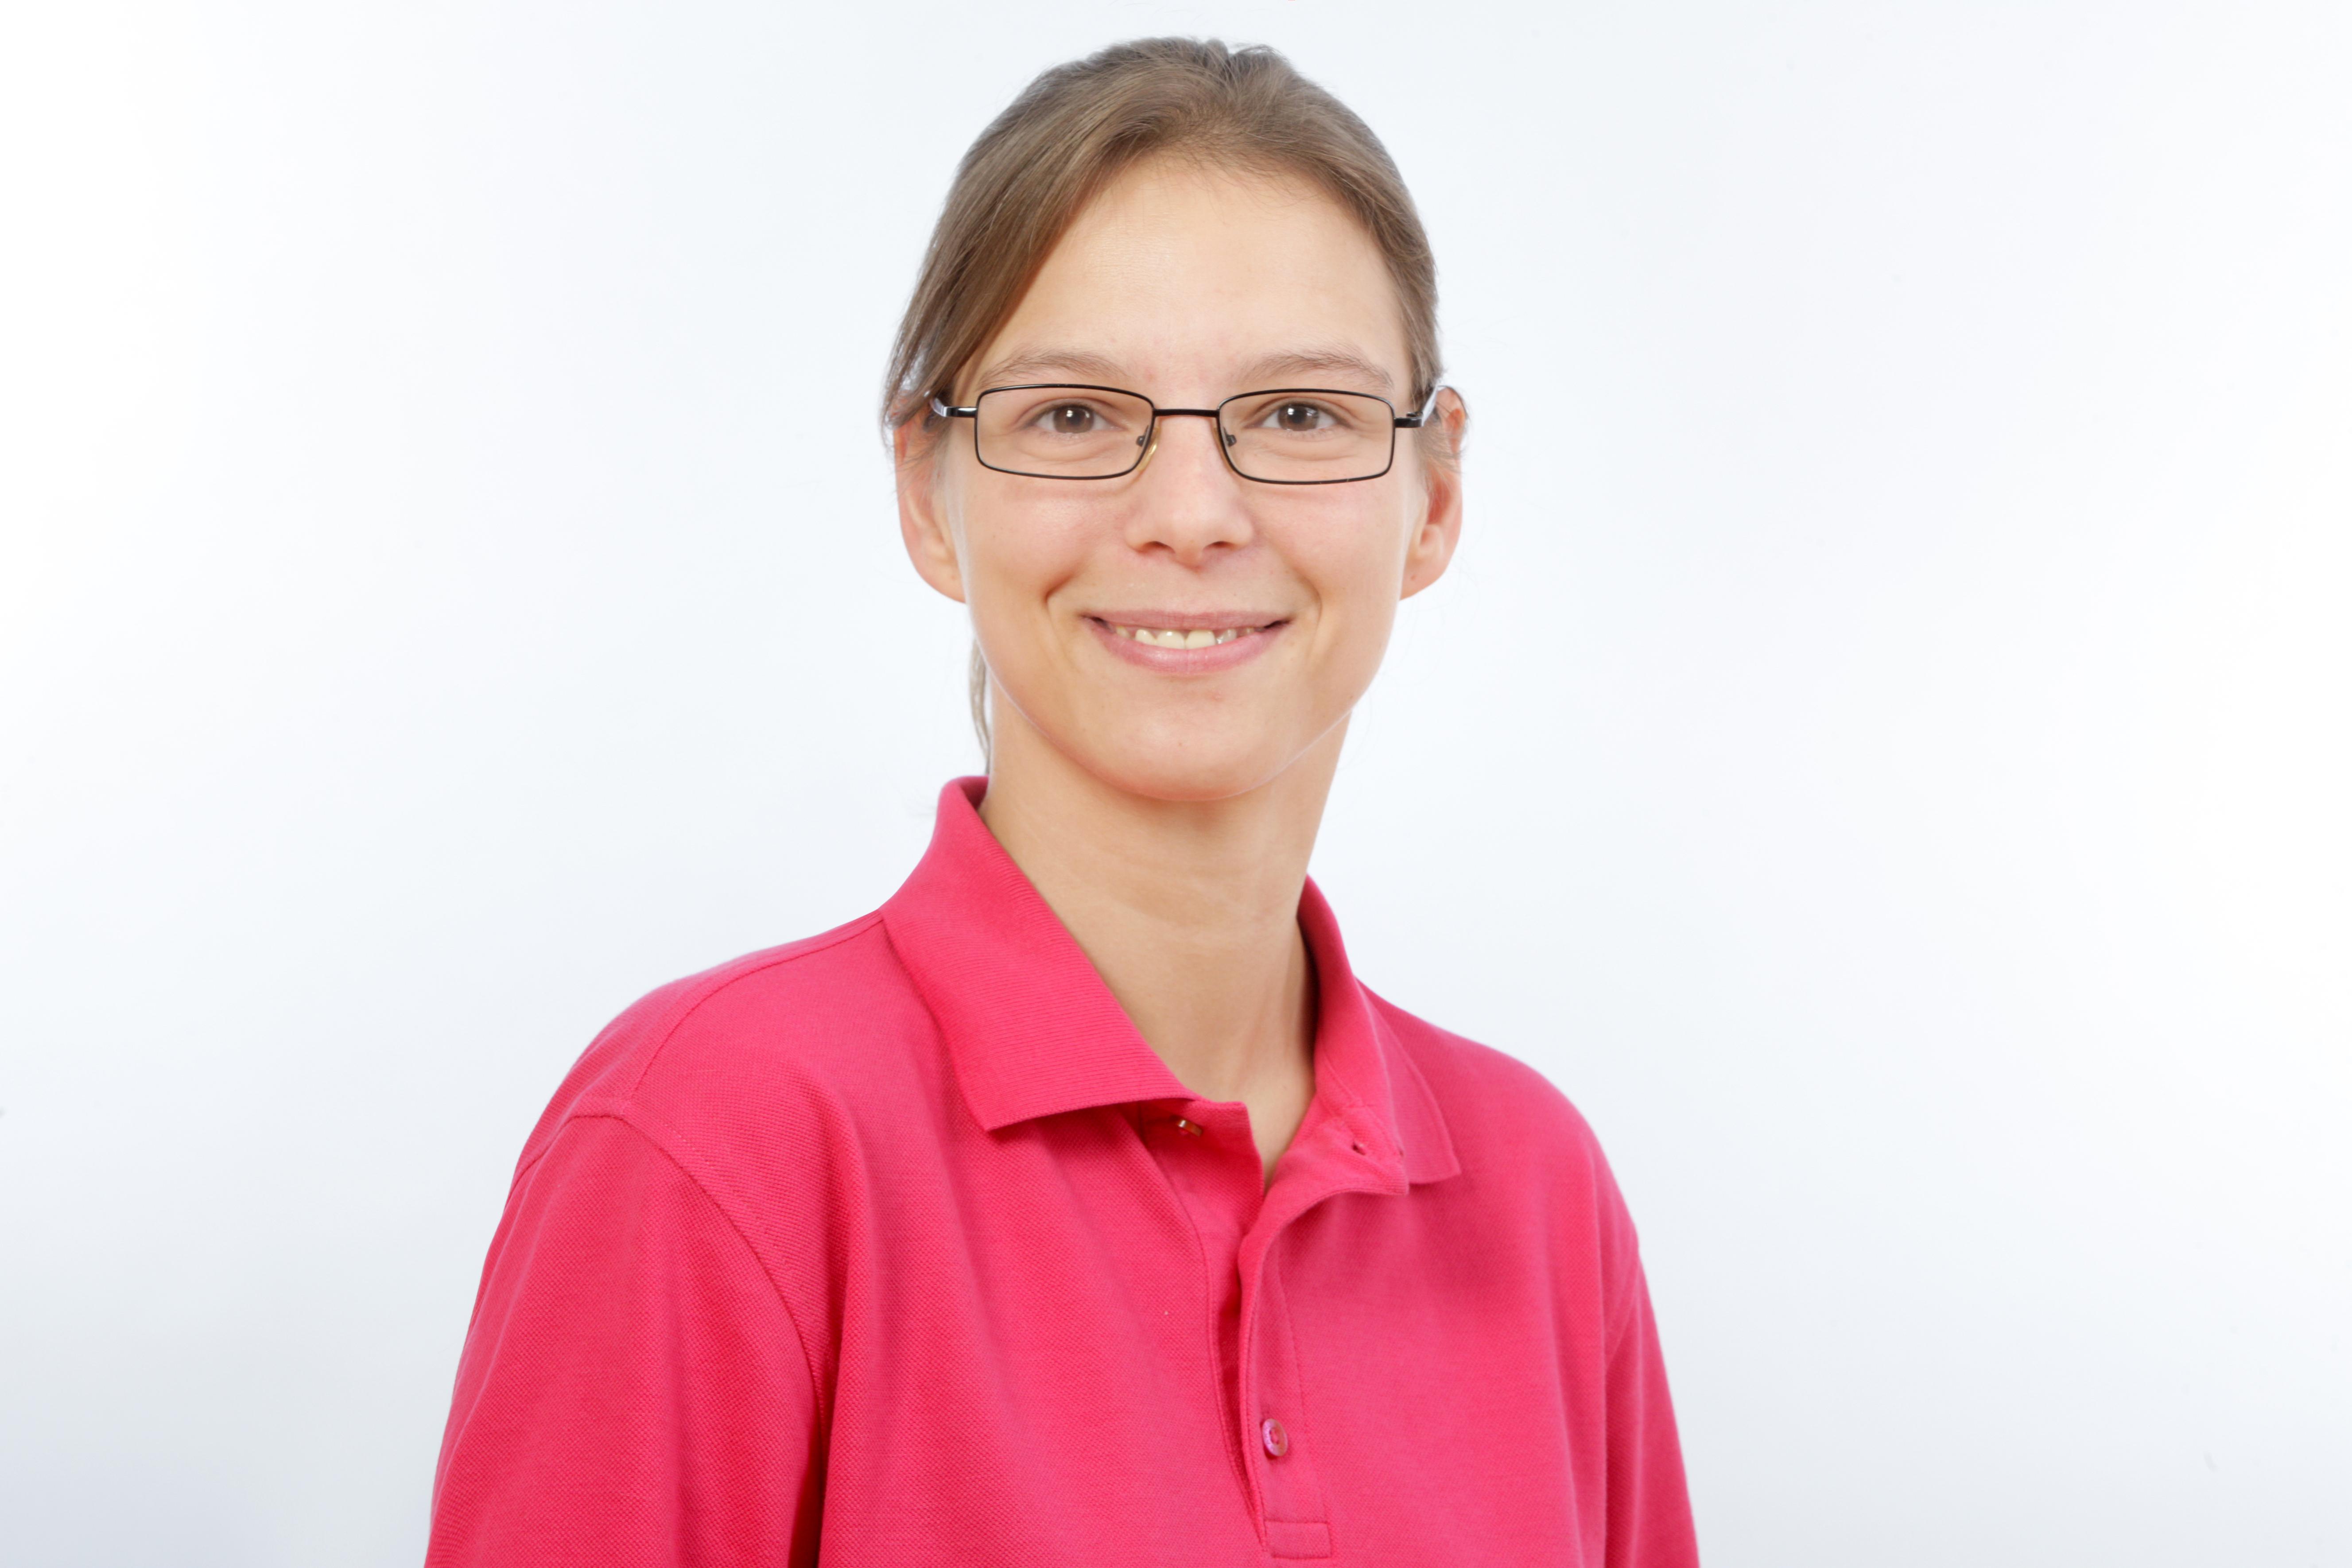 Anna-Lena Klug